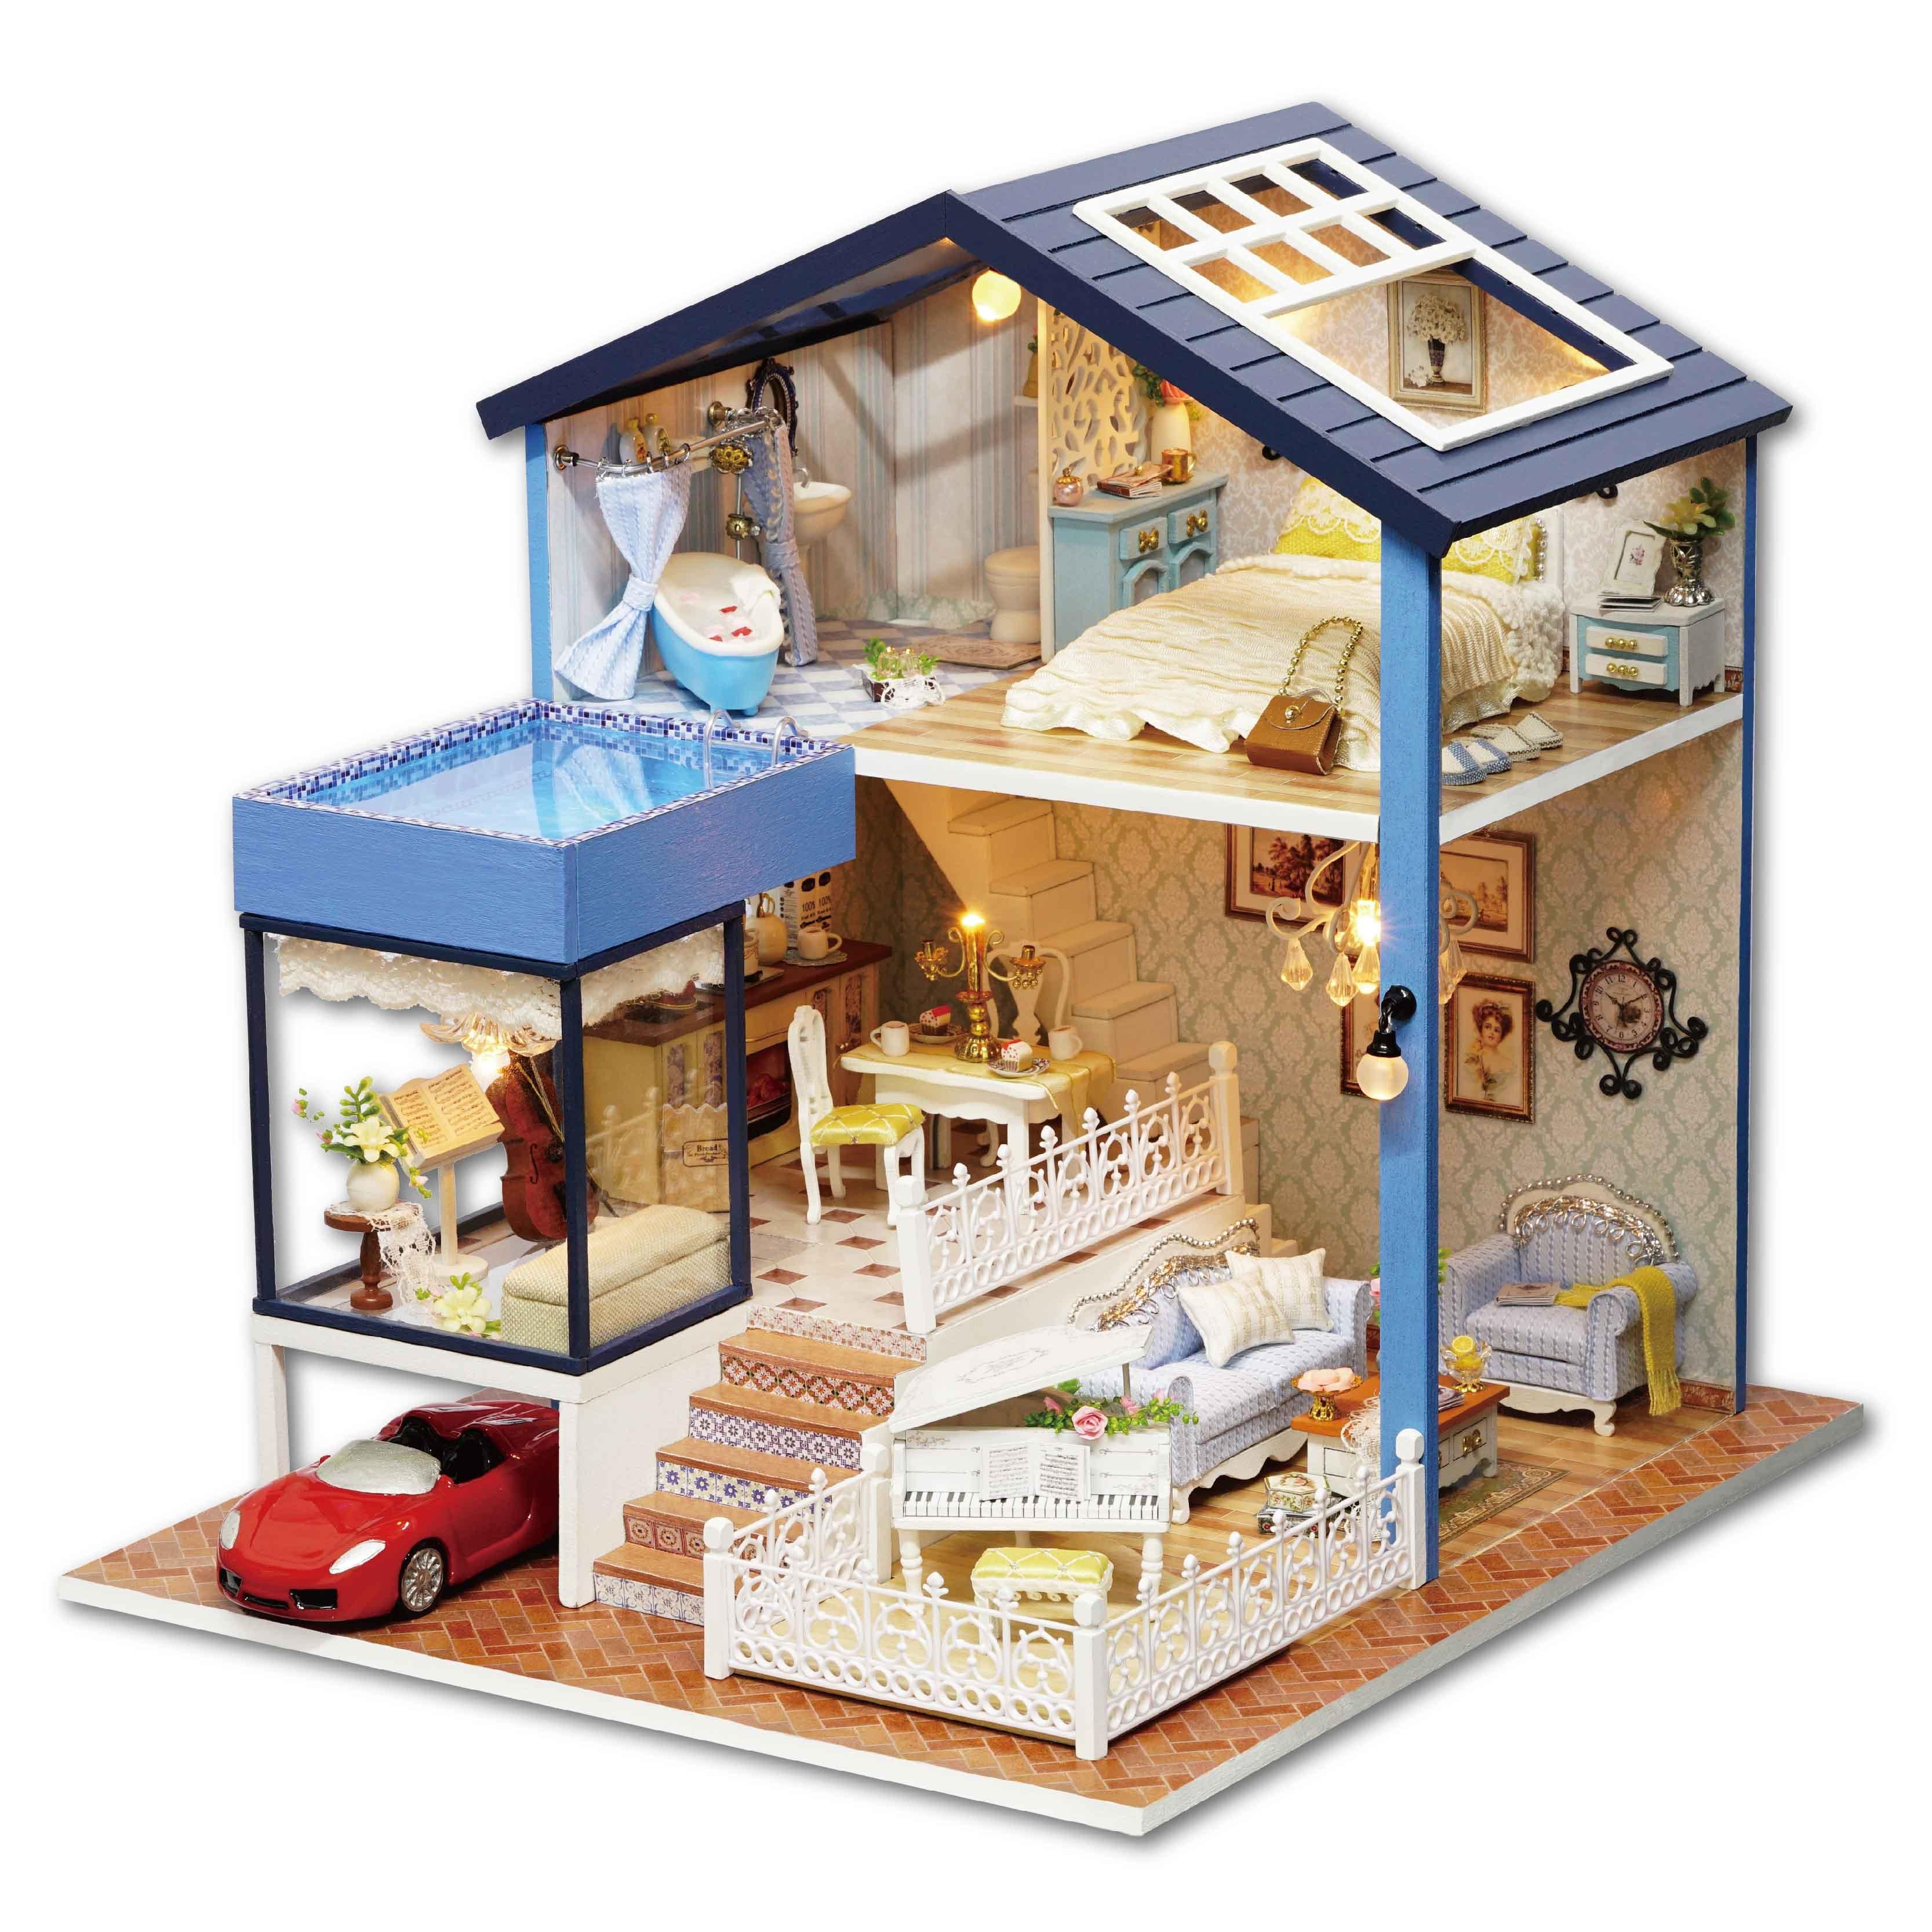 热卖智趣屋diy小屋西雅图别墅 手工制作小房子拼装建筑模型玩具礼物